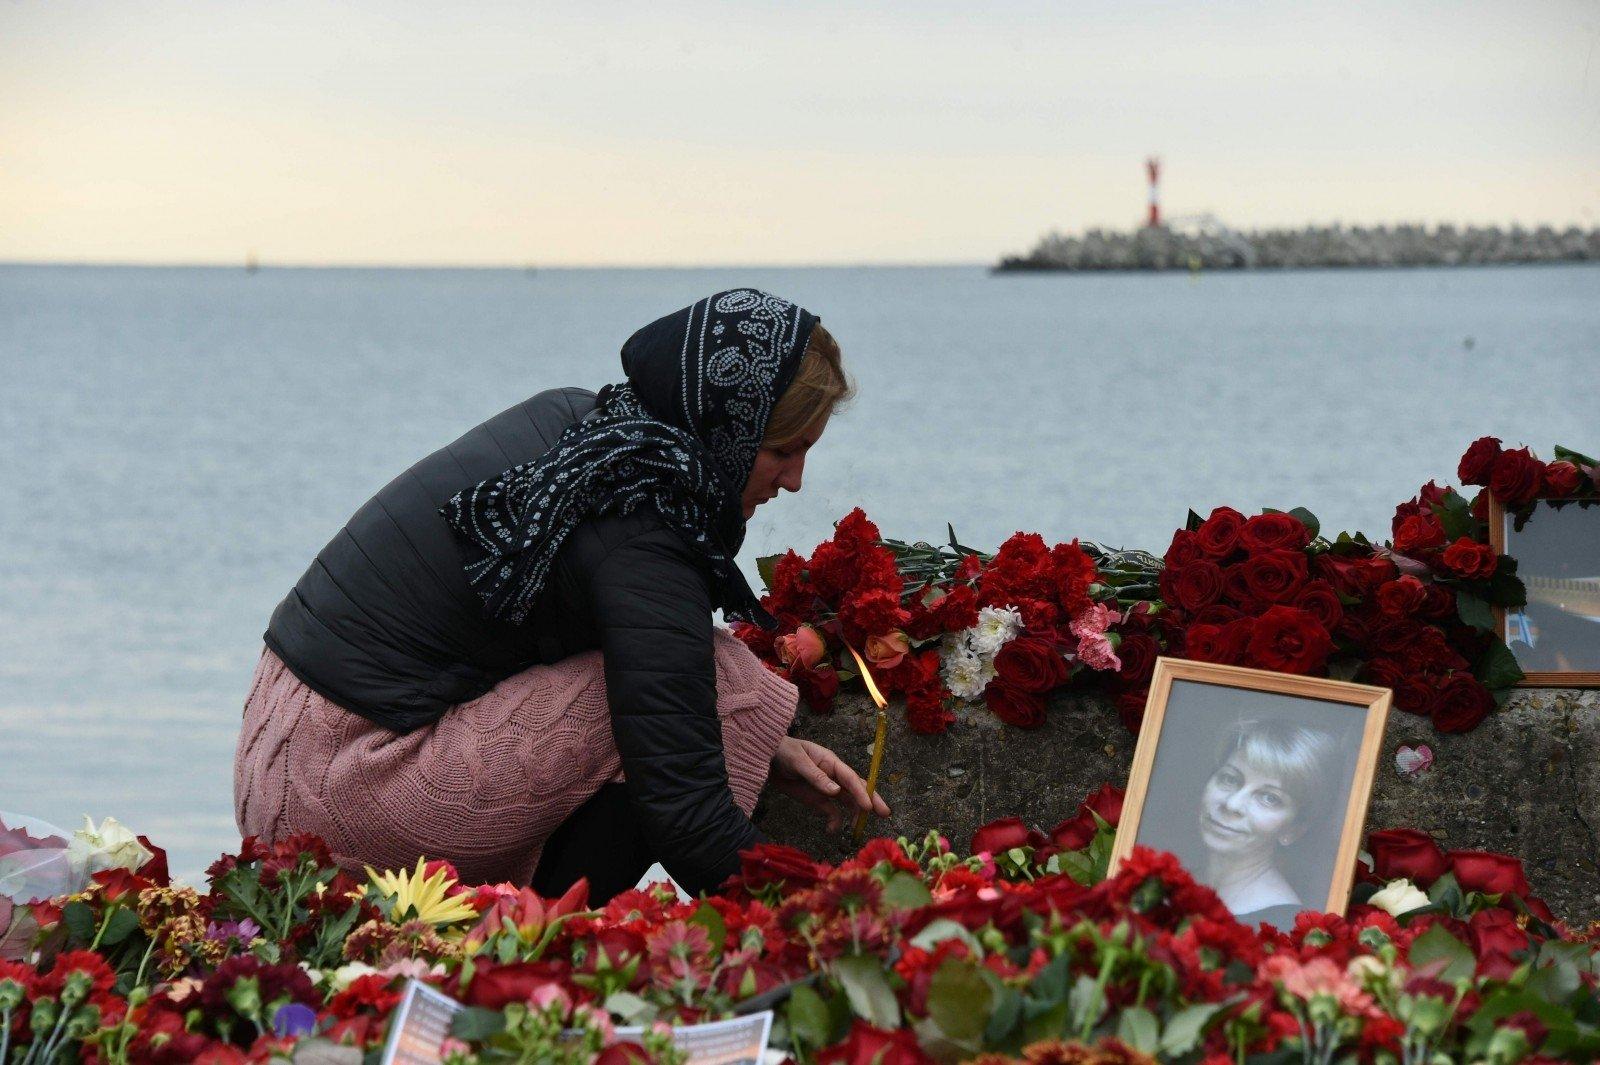 Минобороны сообщило озавершении расследования катастрофы Ту-154 близ Сочи